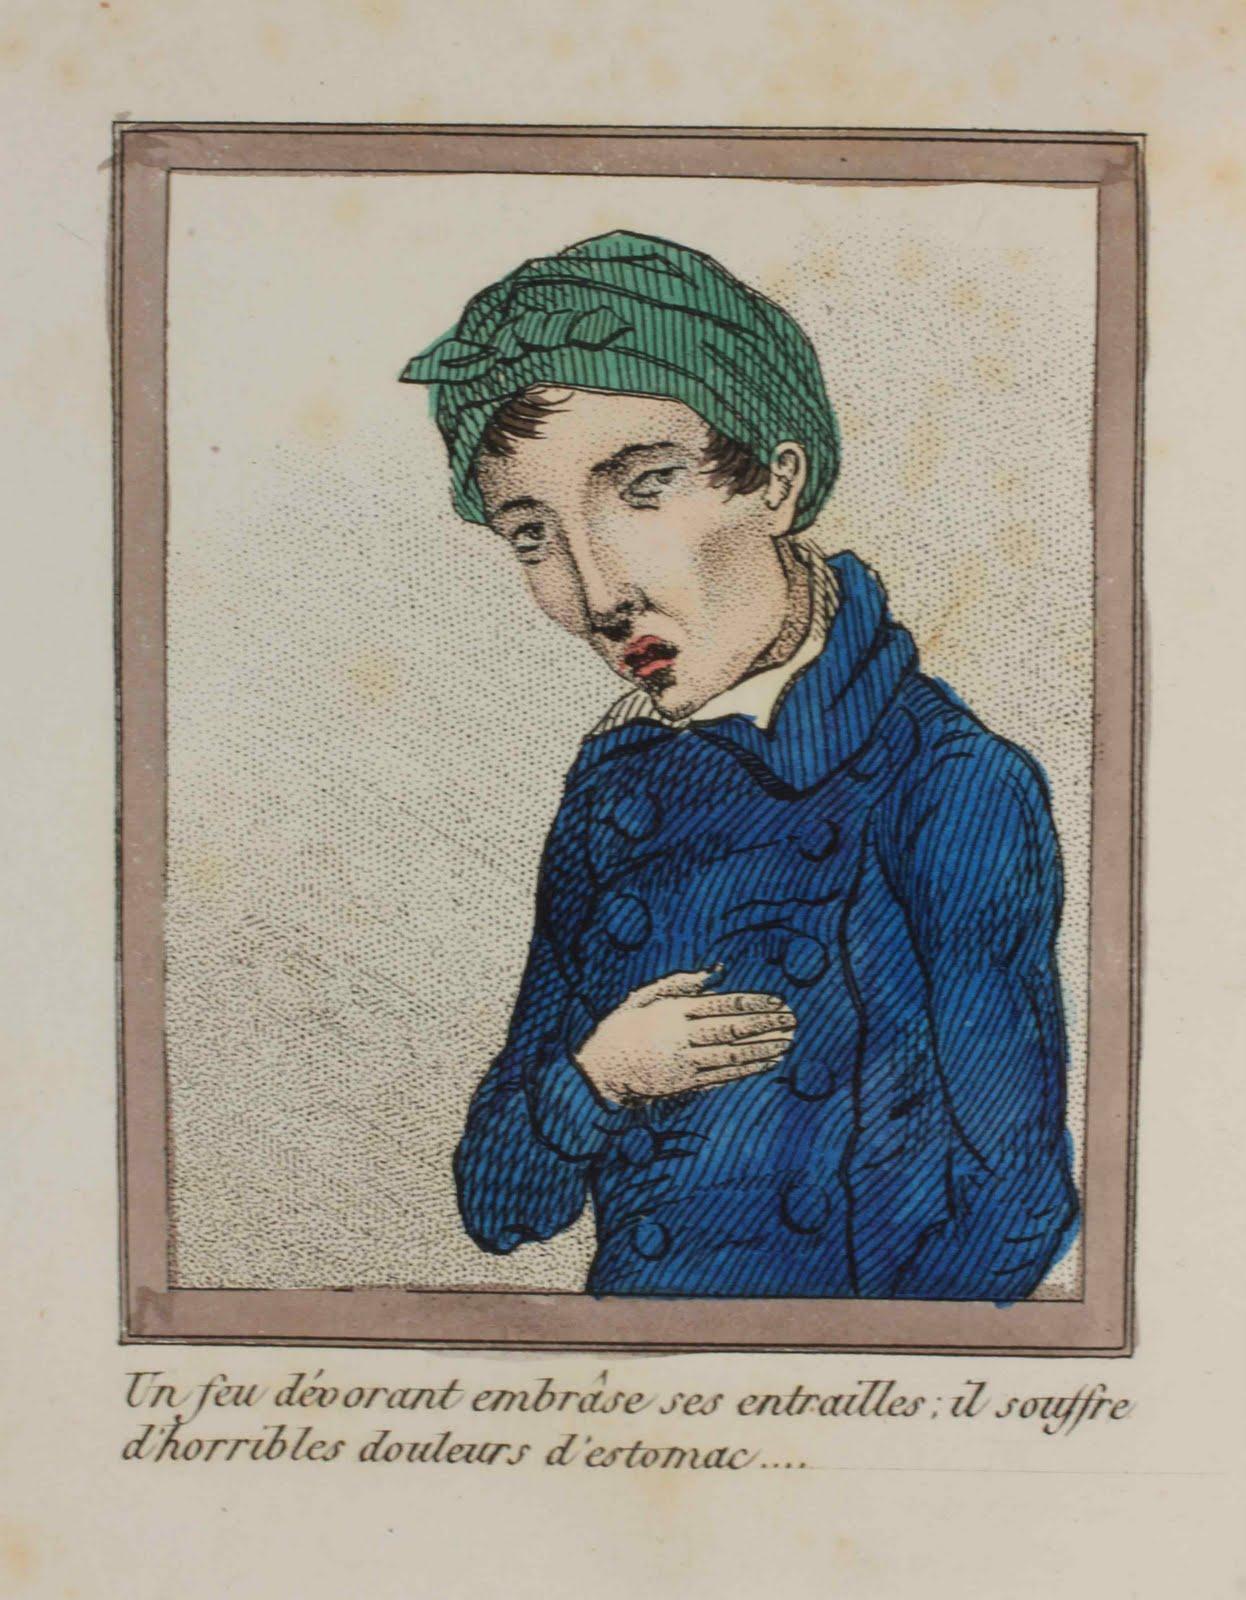 Le Livre Sans Titre последствия онанизма справочник отвратительные мужики disgusting men